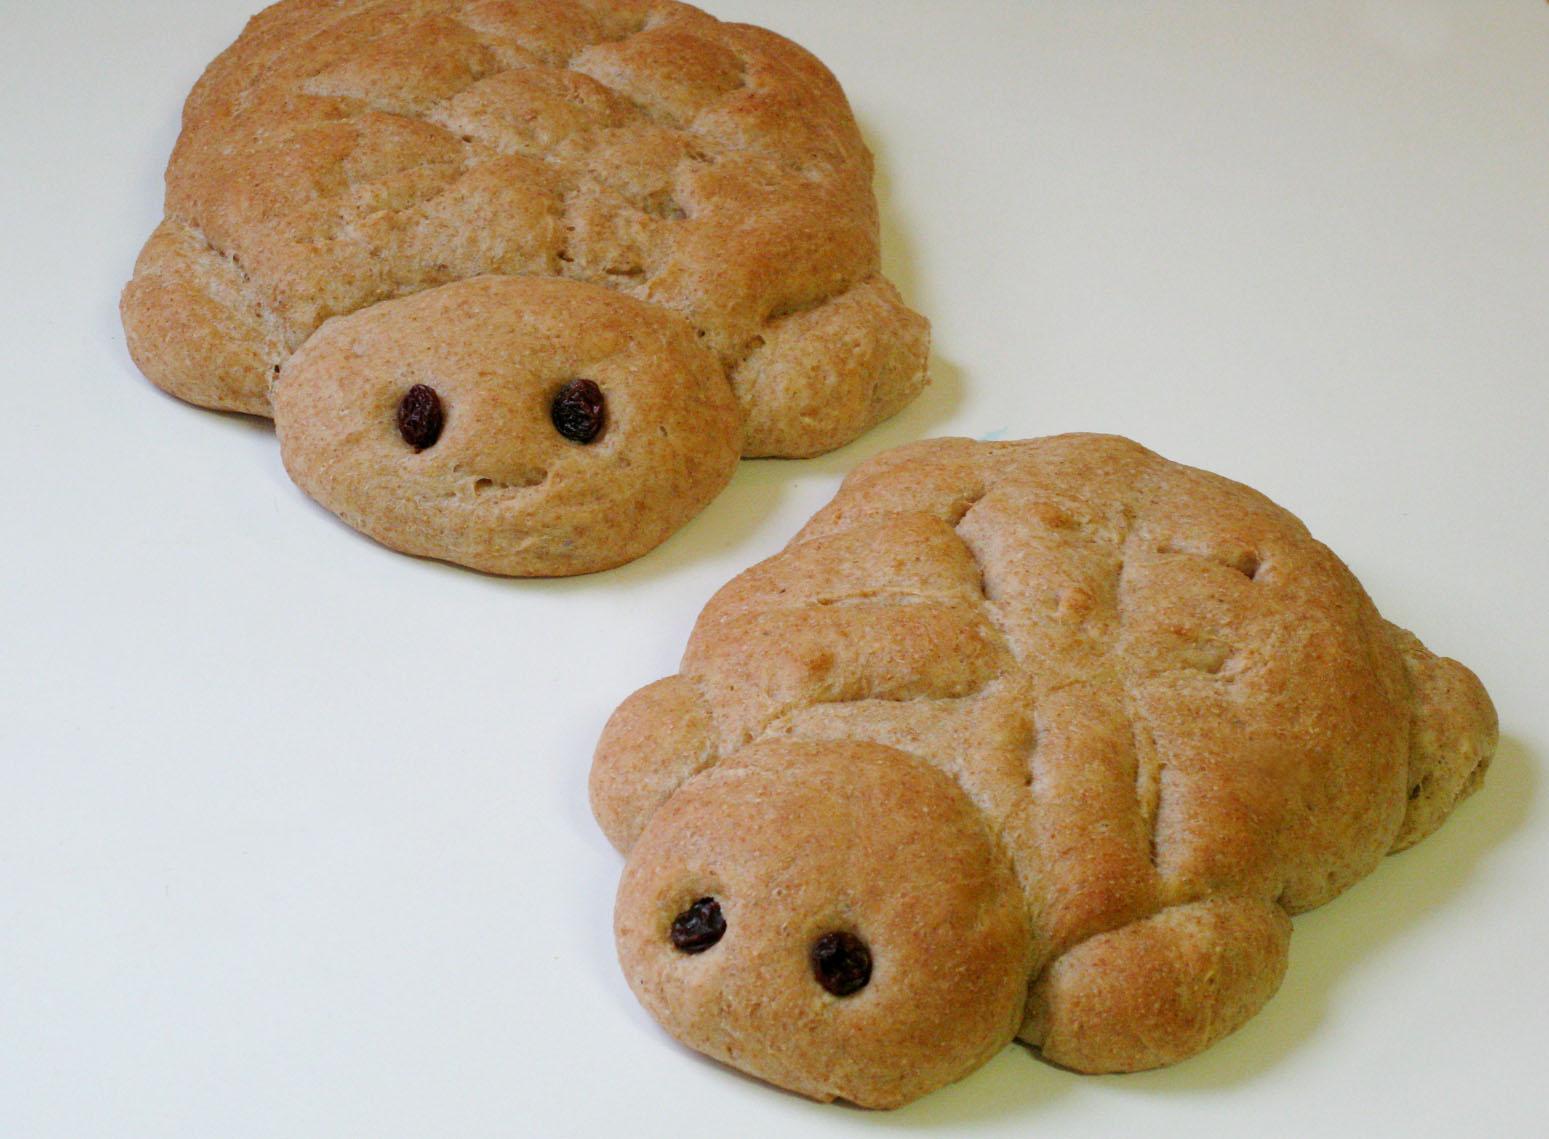 bread turtle turtle bread alligator and turtle bread bread turtle by ...